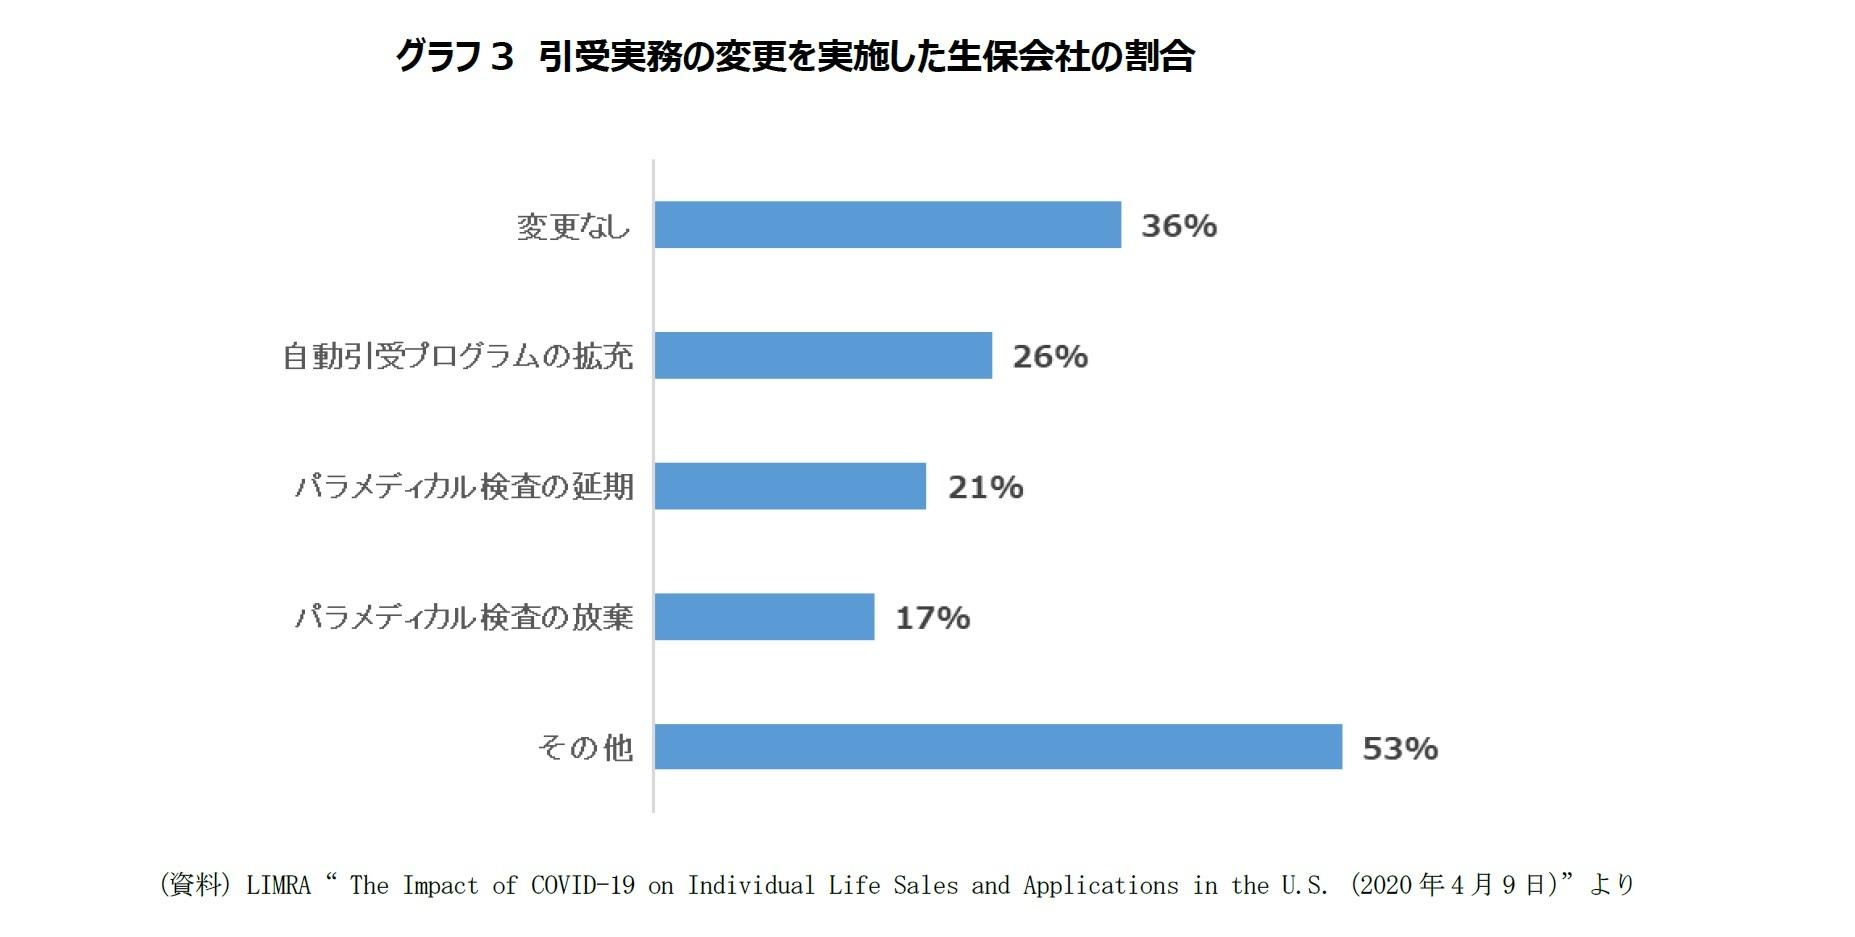 グラフ3 引受実務の変更を実施した生保会社の割合